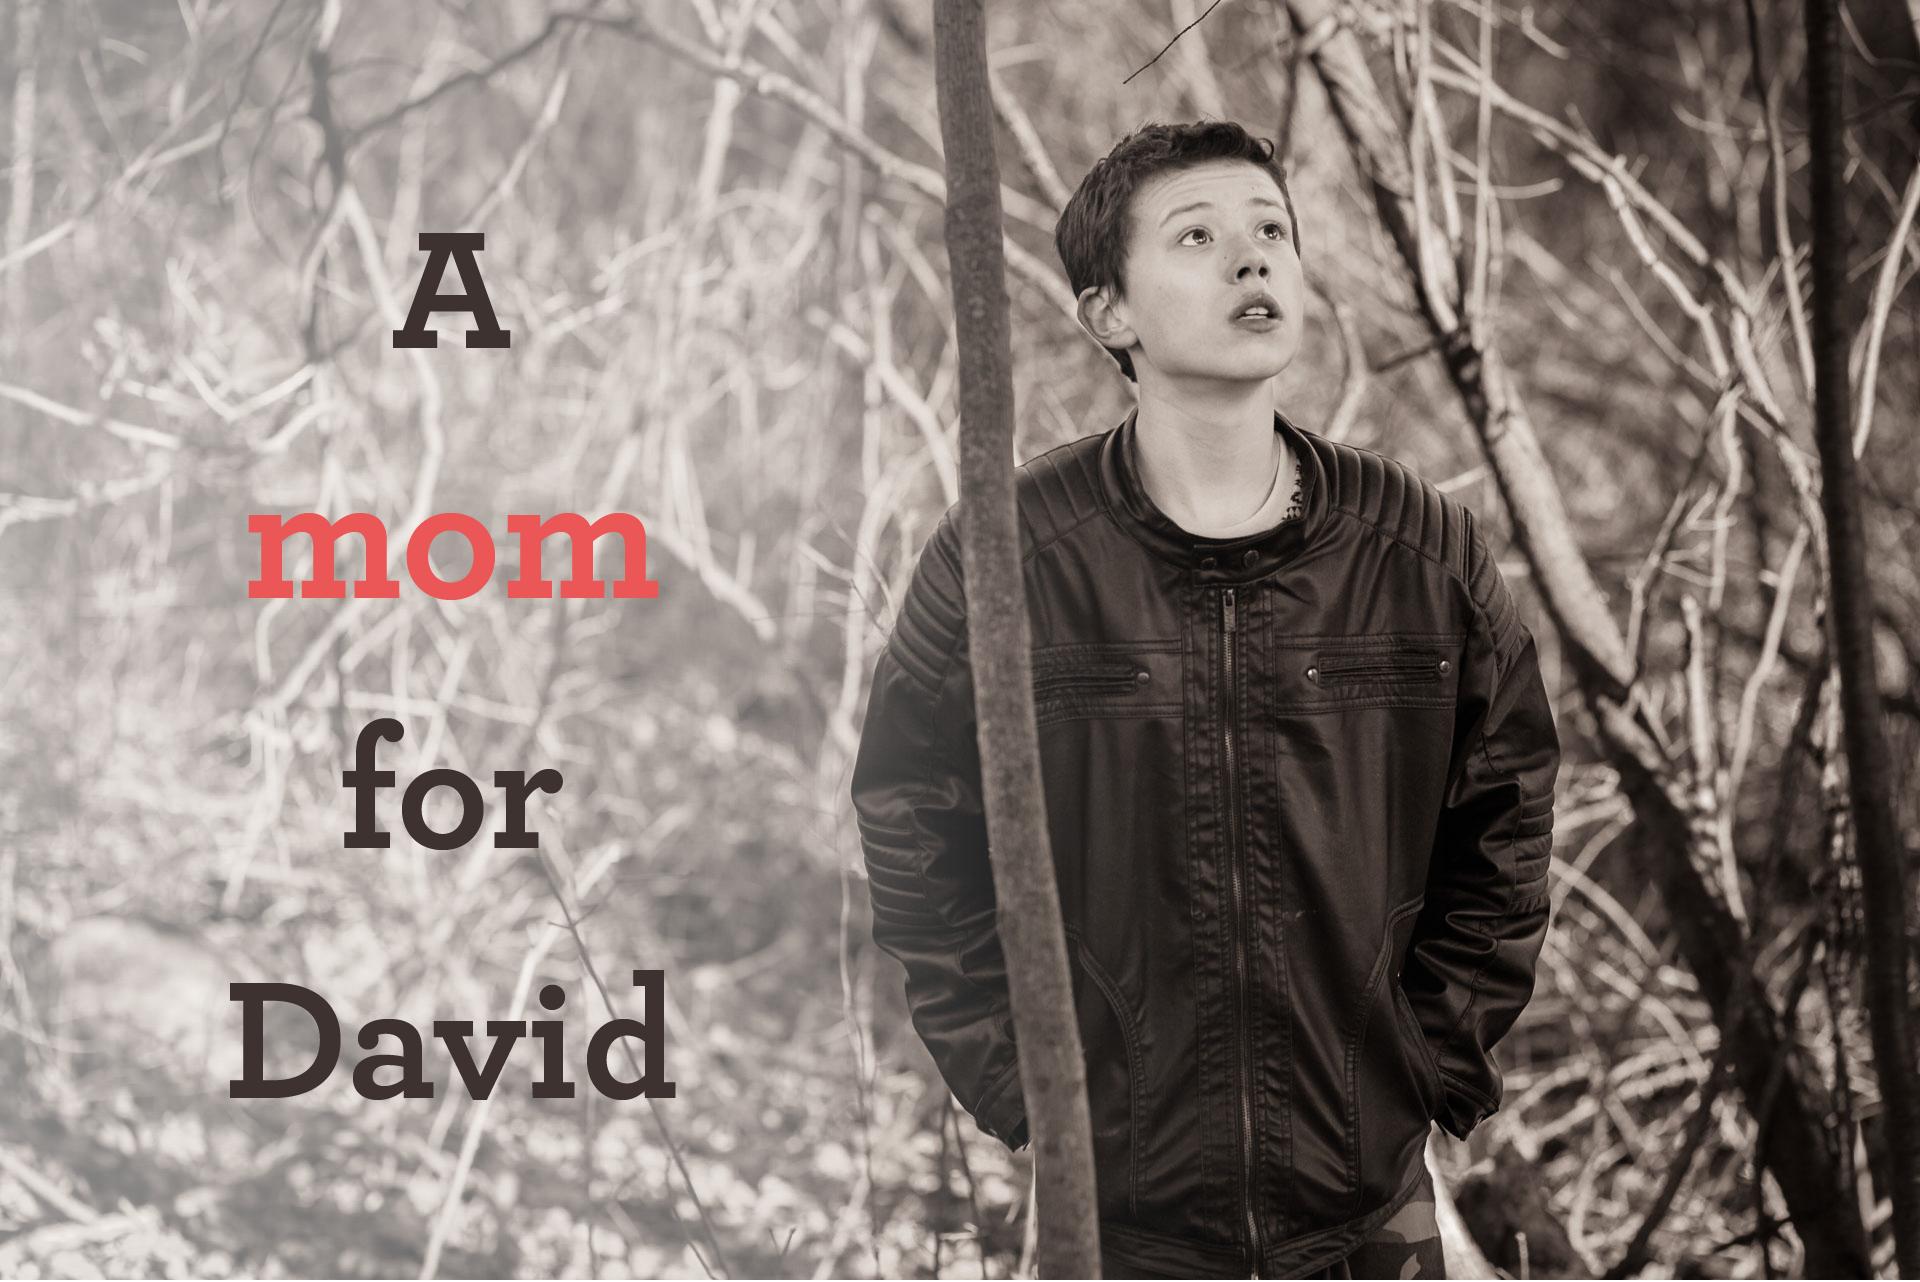 davids mom-01-01